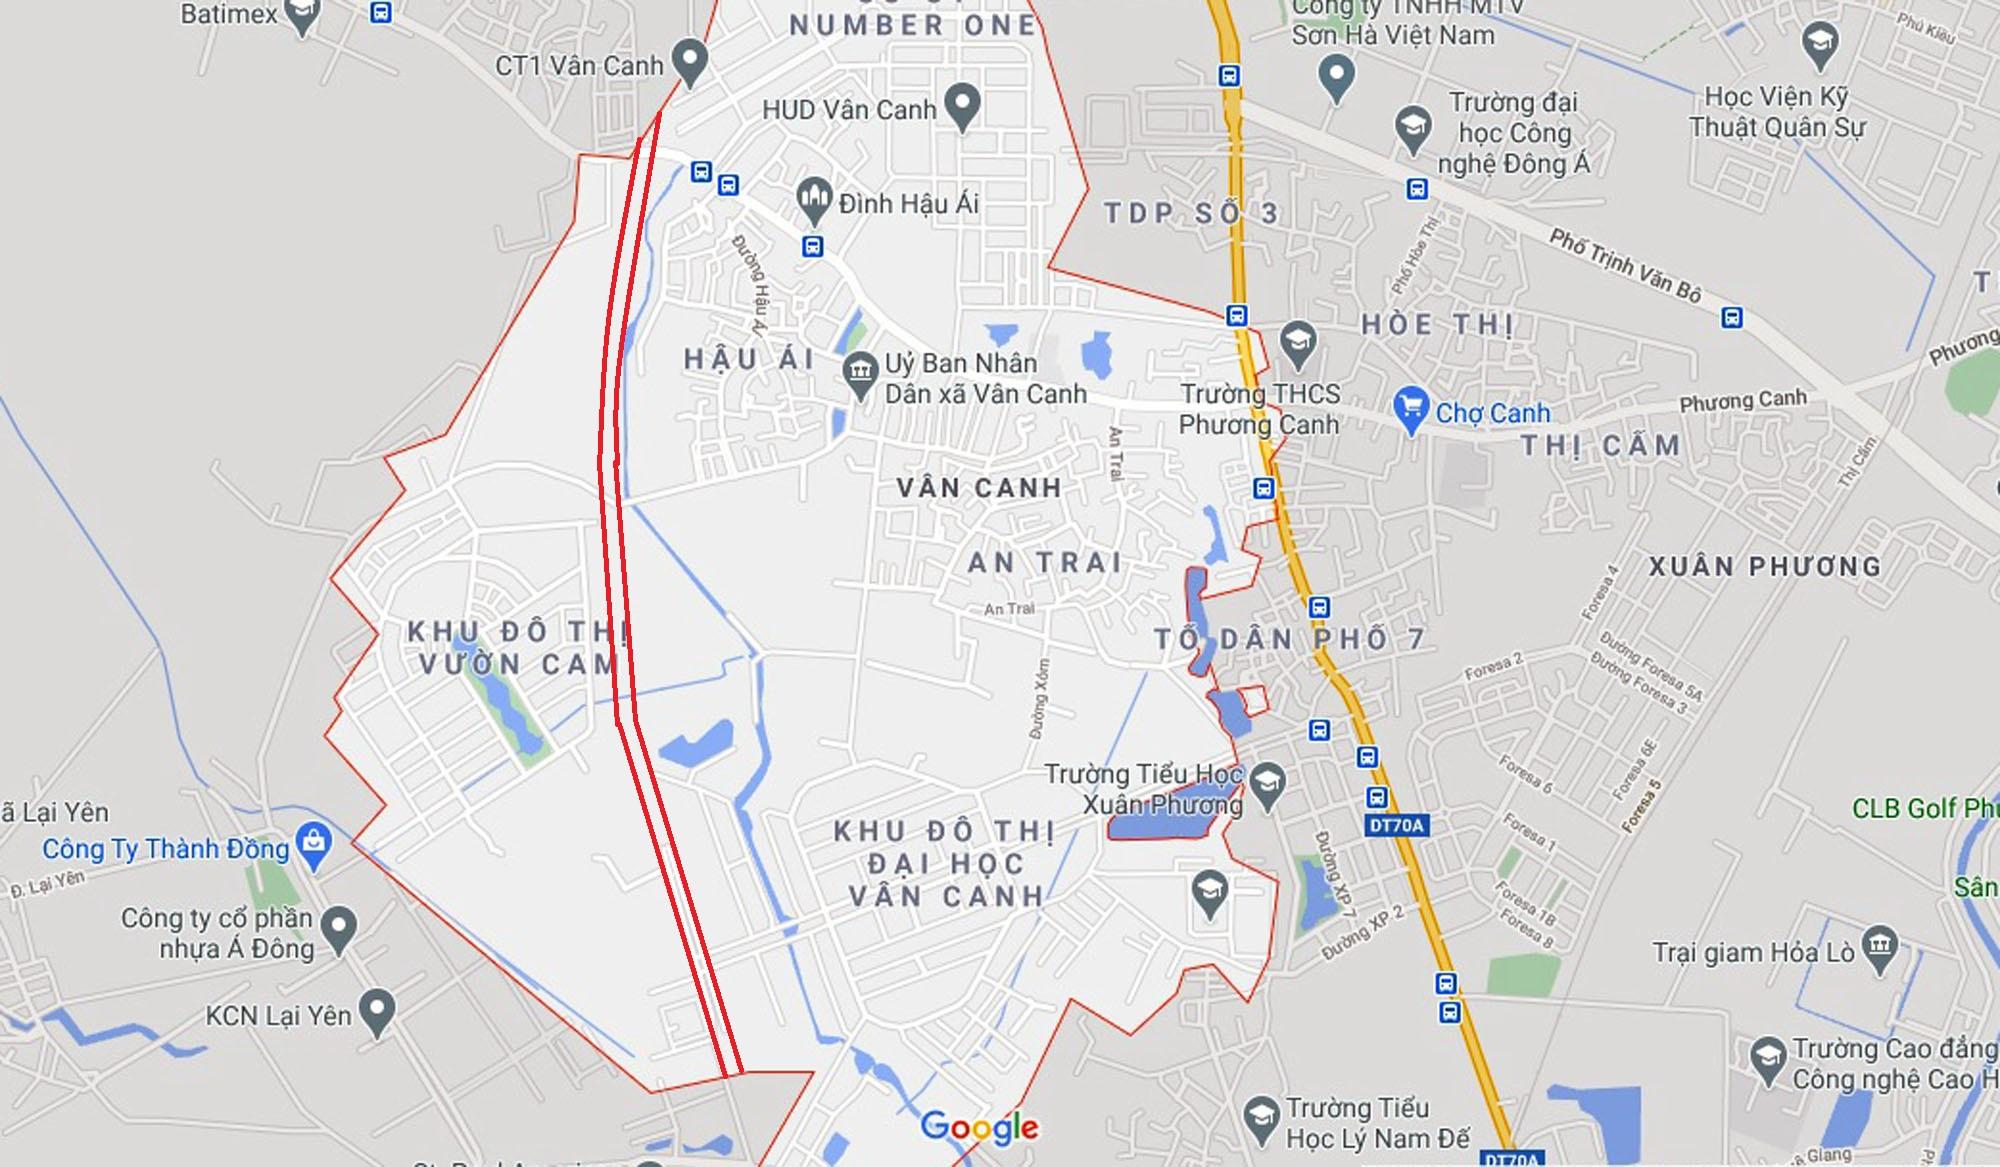 đường sẽ mở theo qui hoạch ở xã Vân Canh, Hoài Đức, Hà Nội - Ảnh 2.